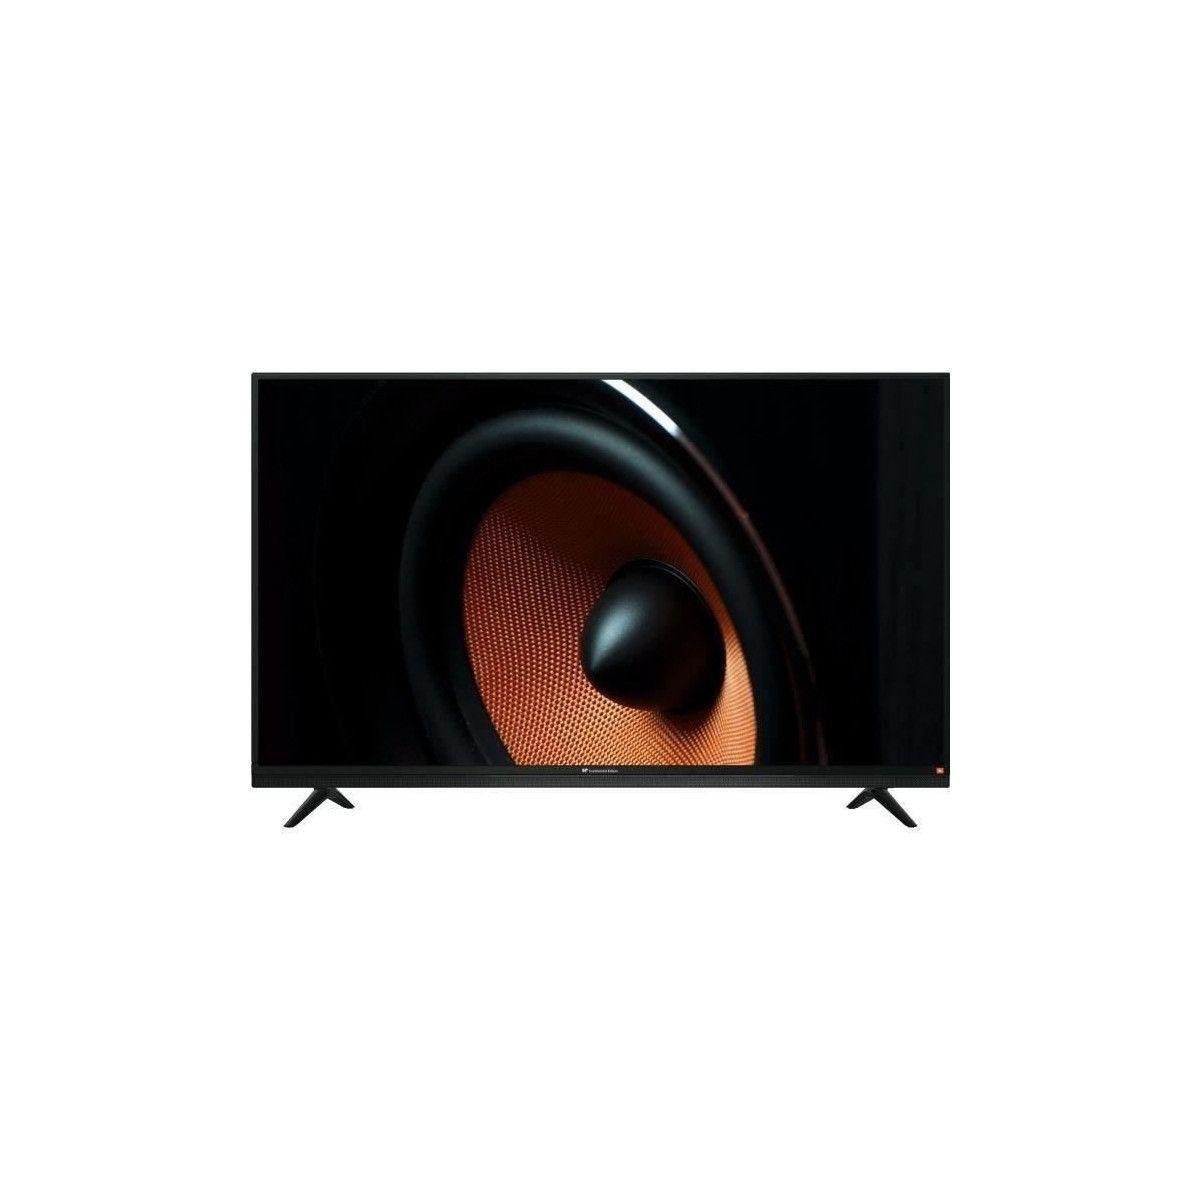 TV LED HD 80cm 32 avec barre de son JBL integree - 3 x HDMI - 2 x USB